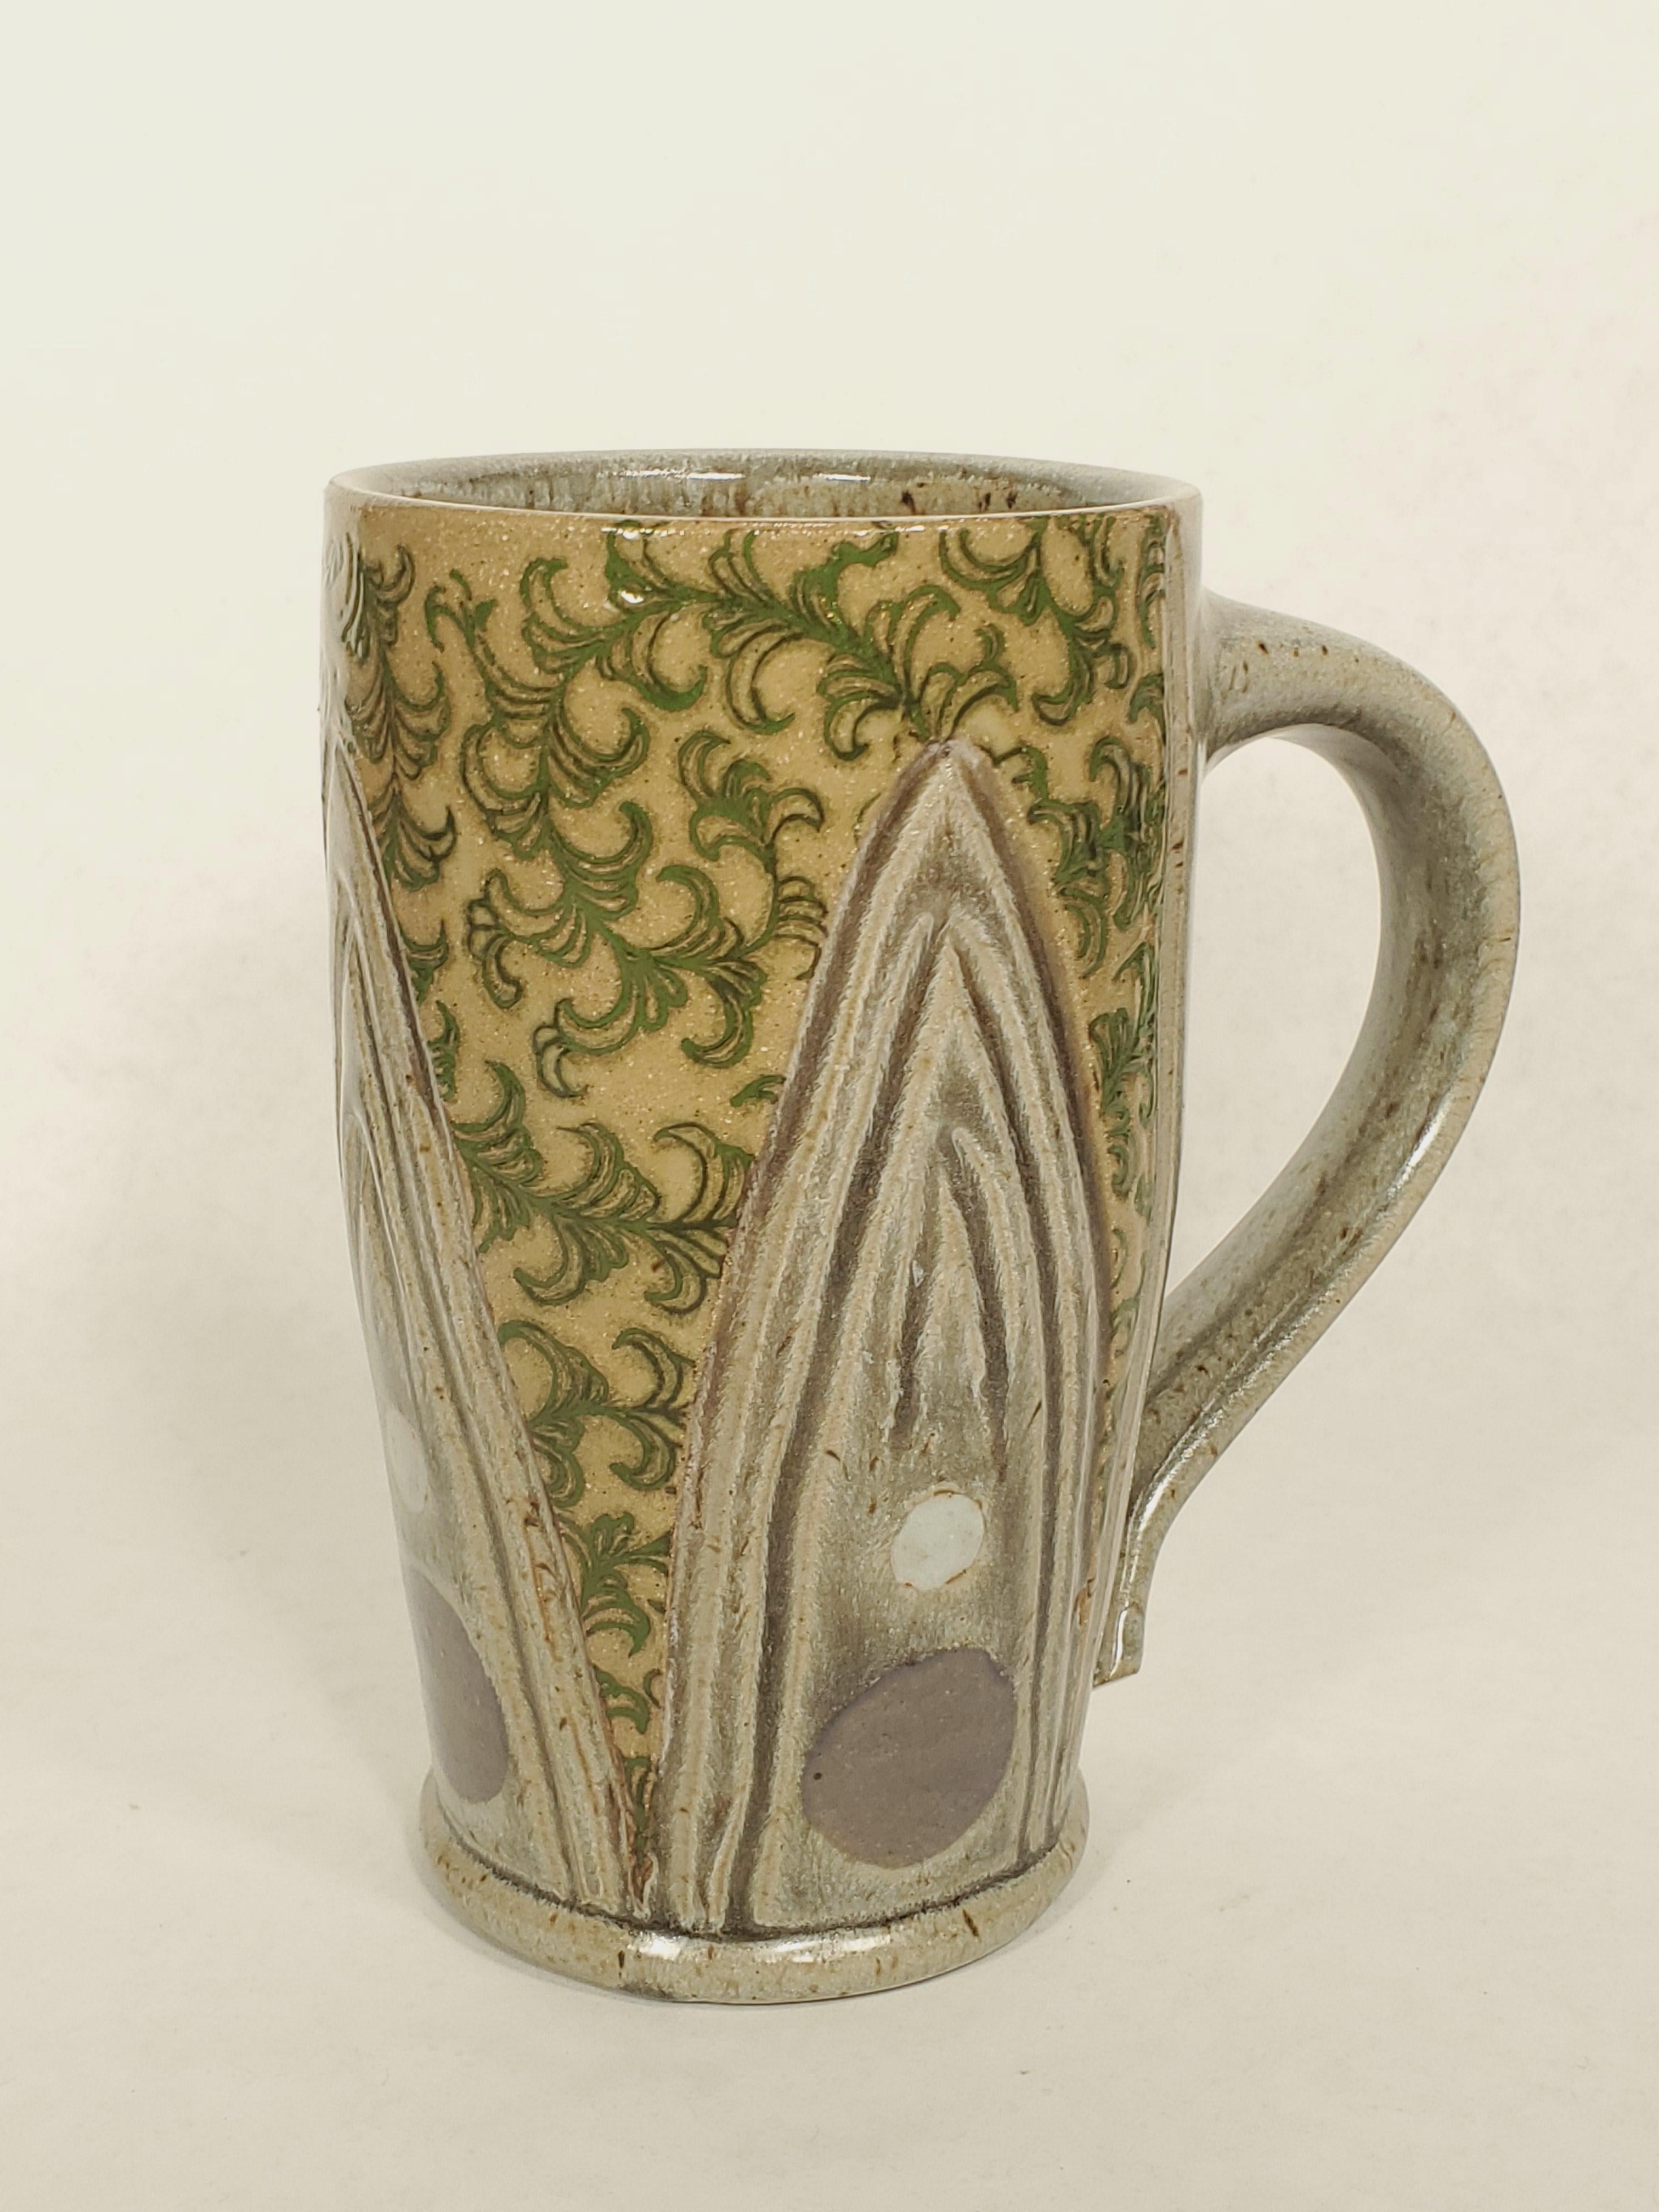 Tall Mug, grey with green swirl